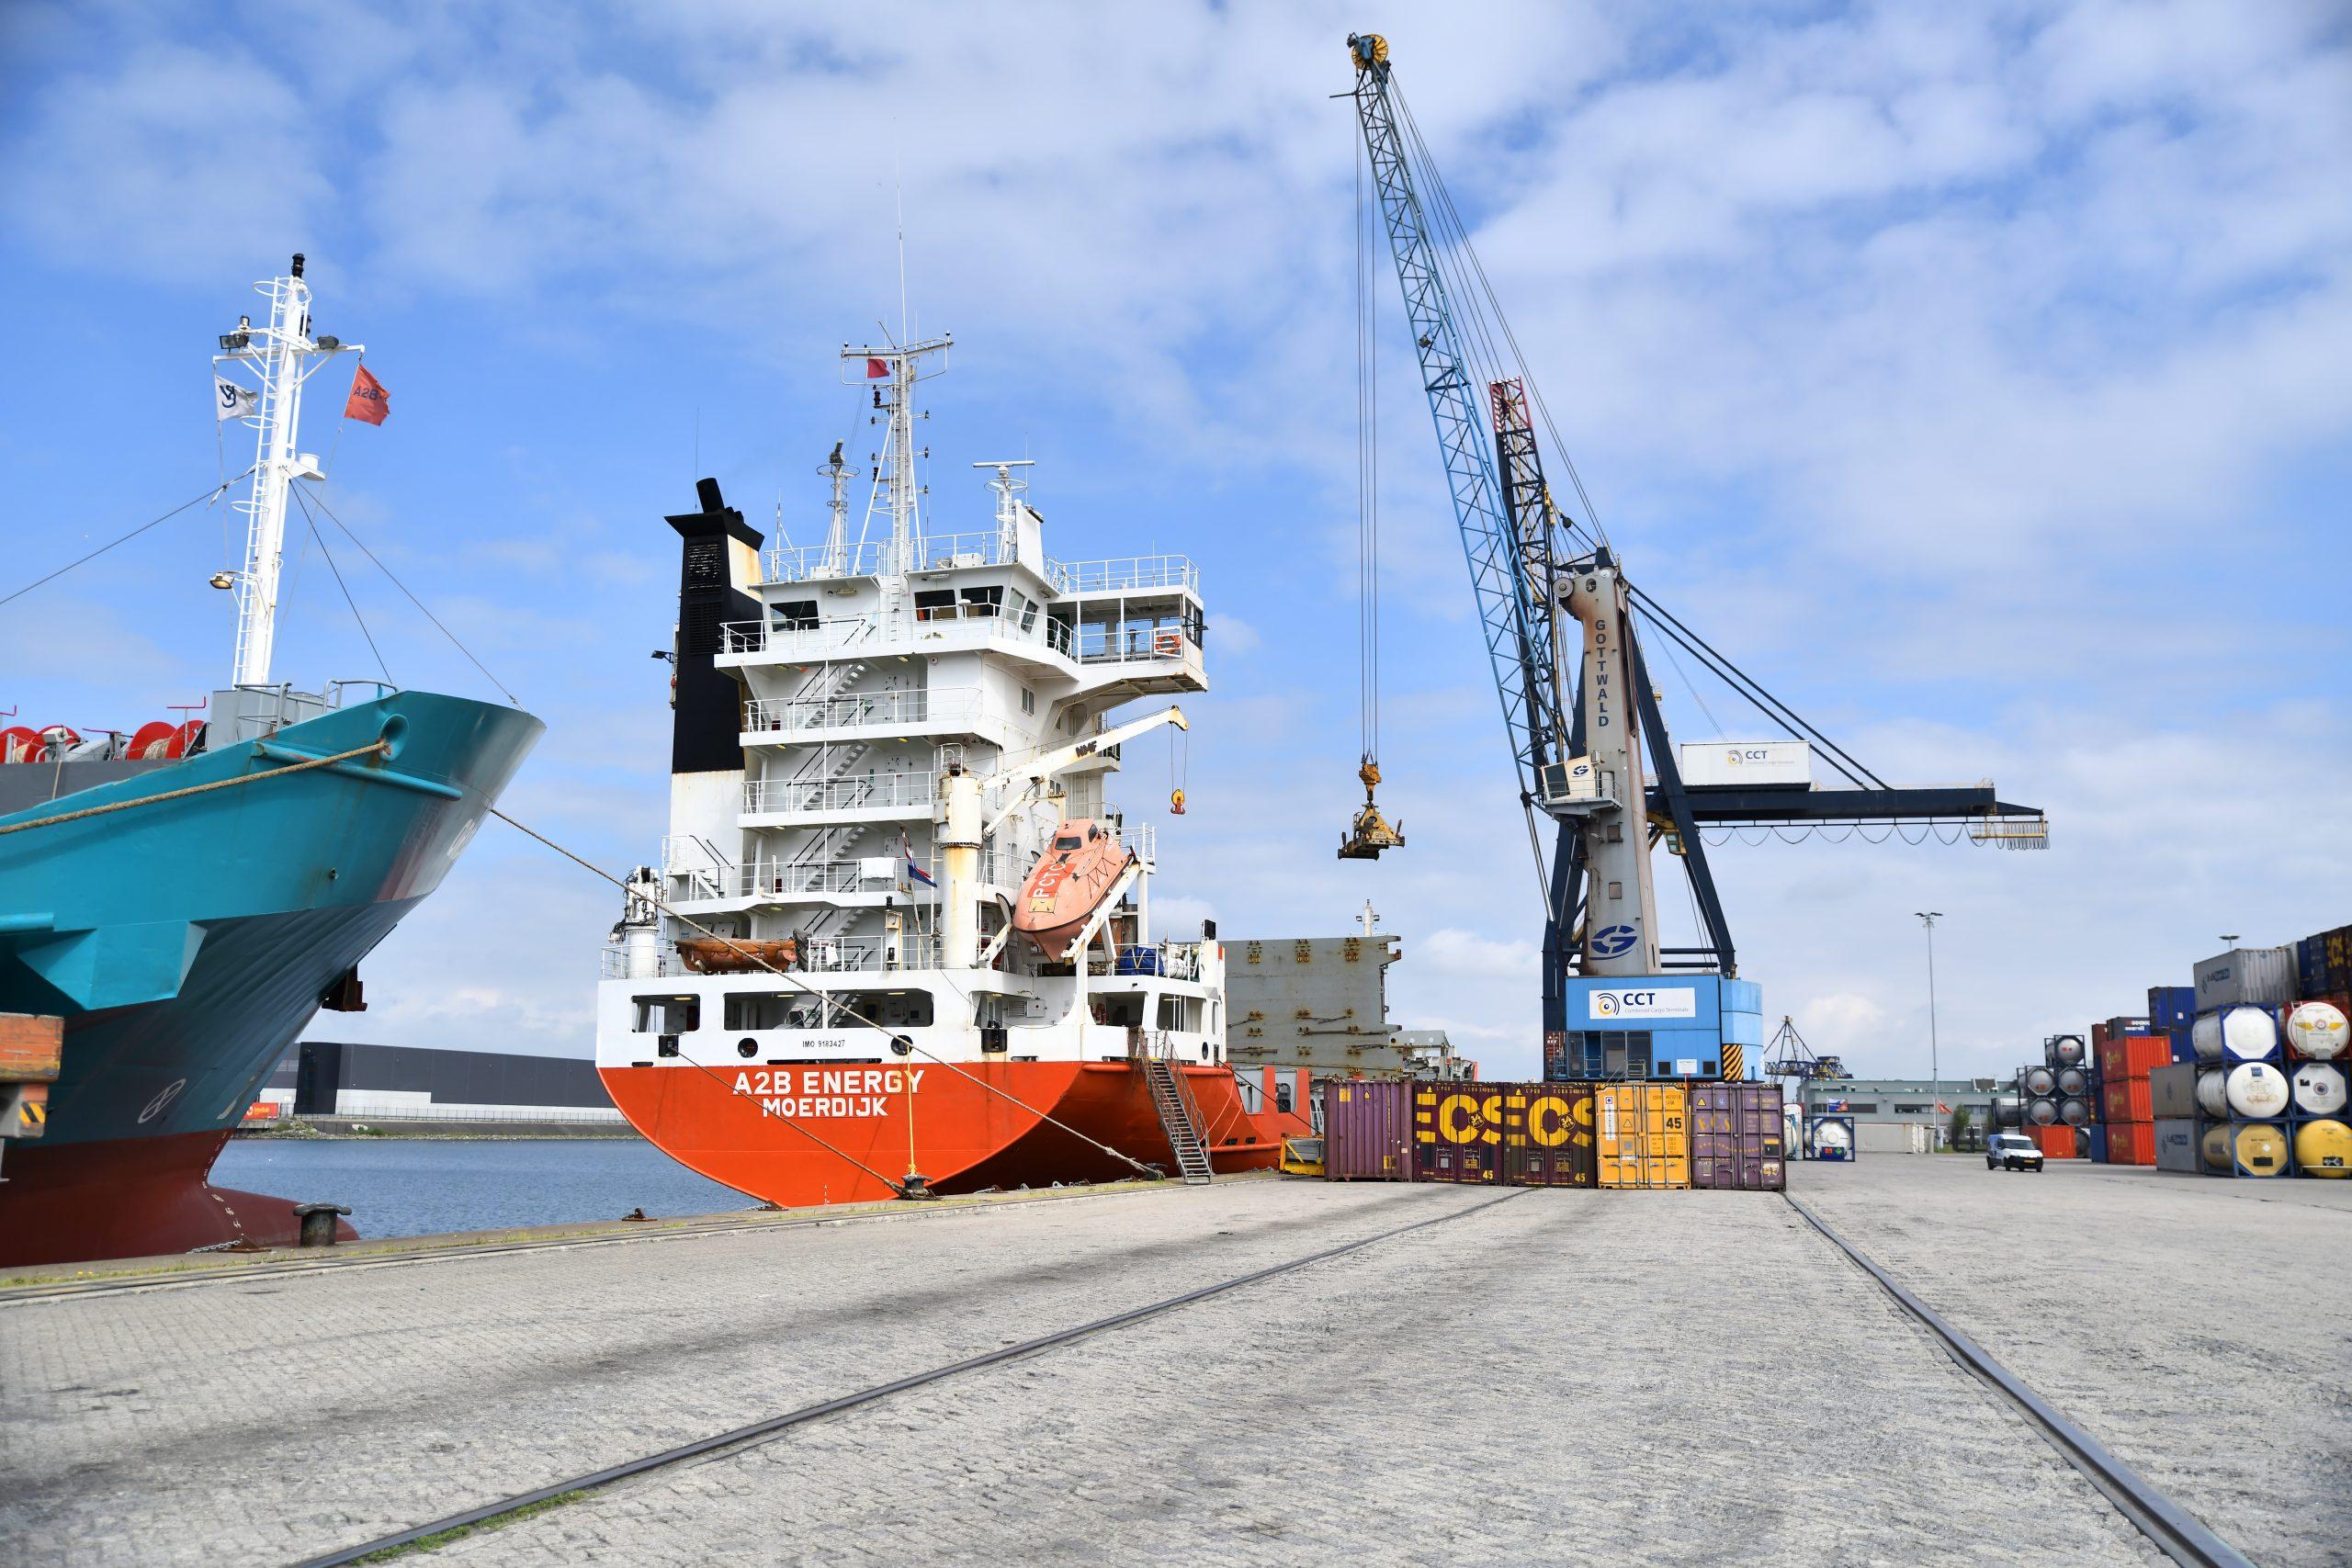 Port of Moerdijk